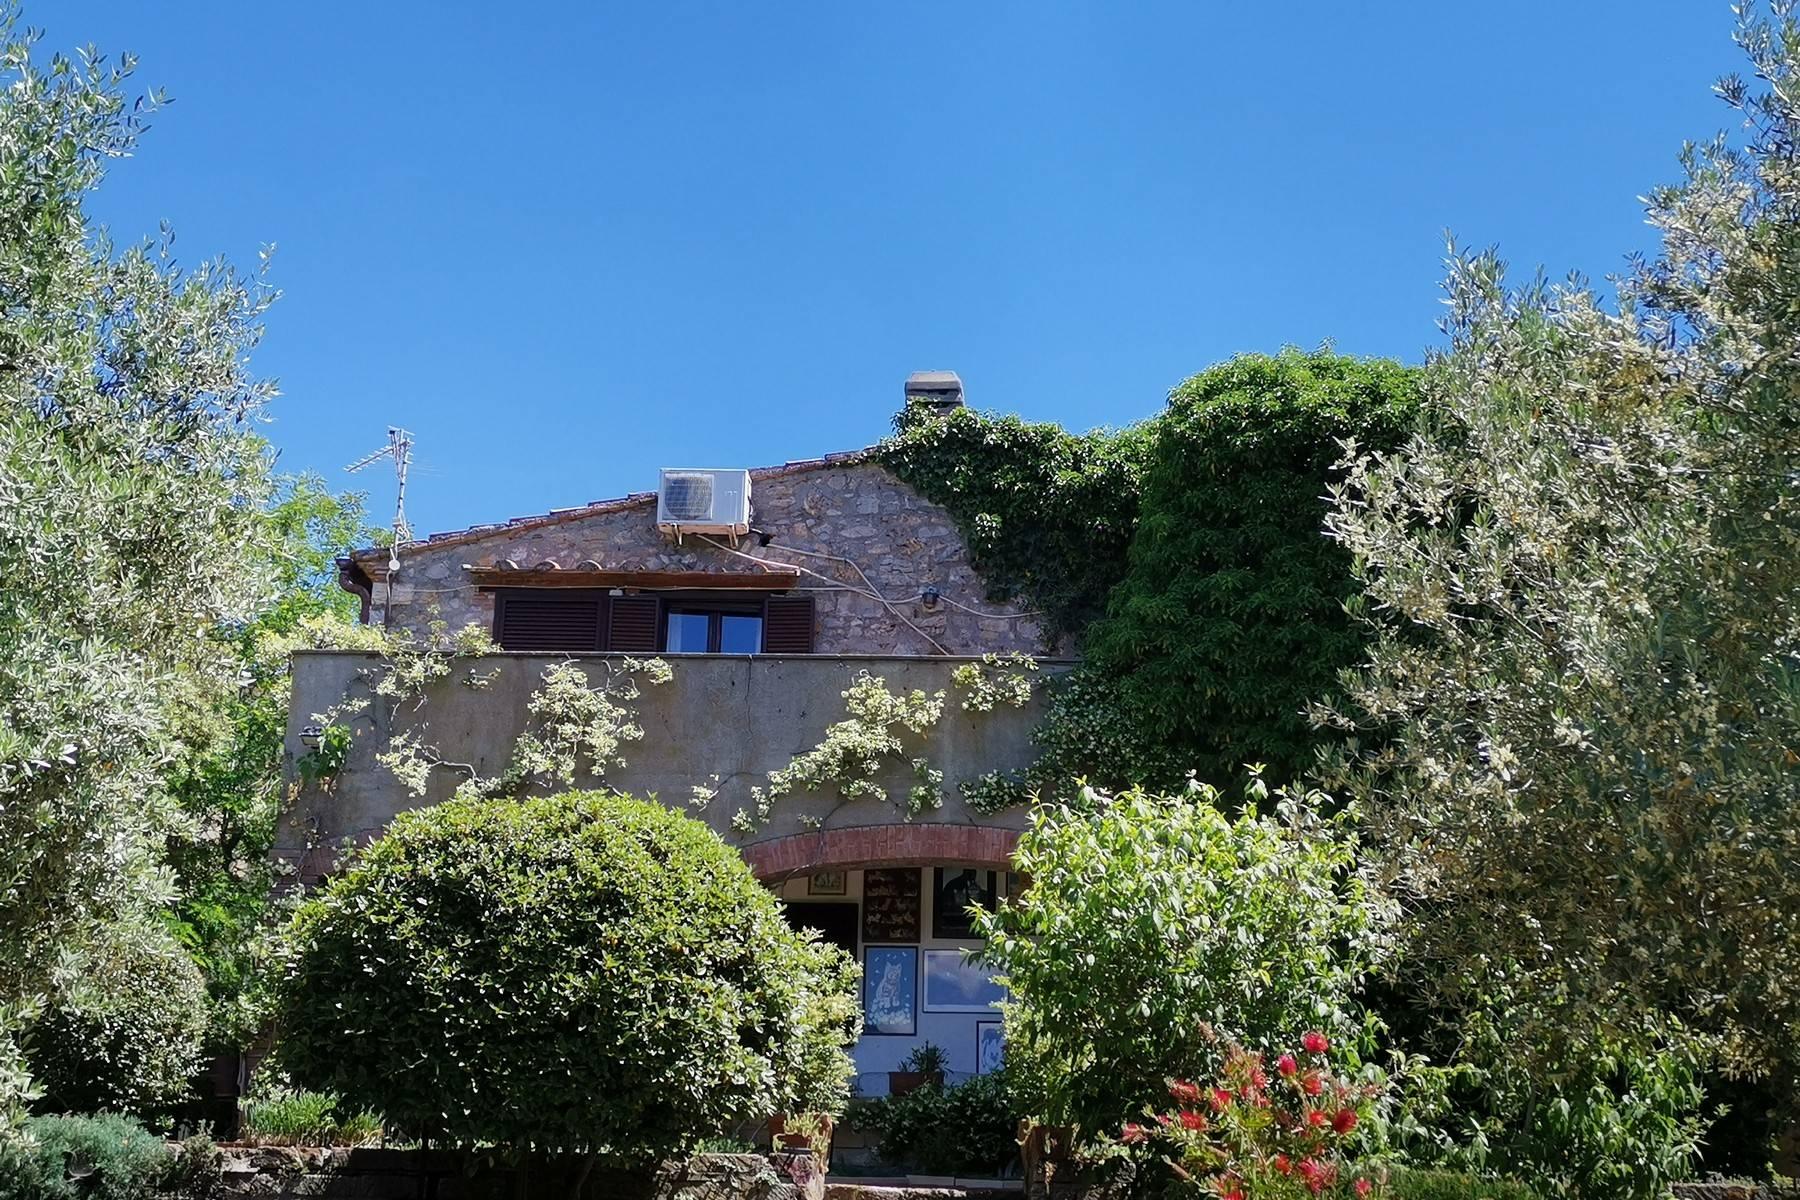 Casa indipendente in Vendita a Manciano: 5 locali, 240 mq - Foto 16